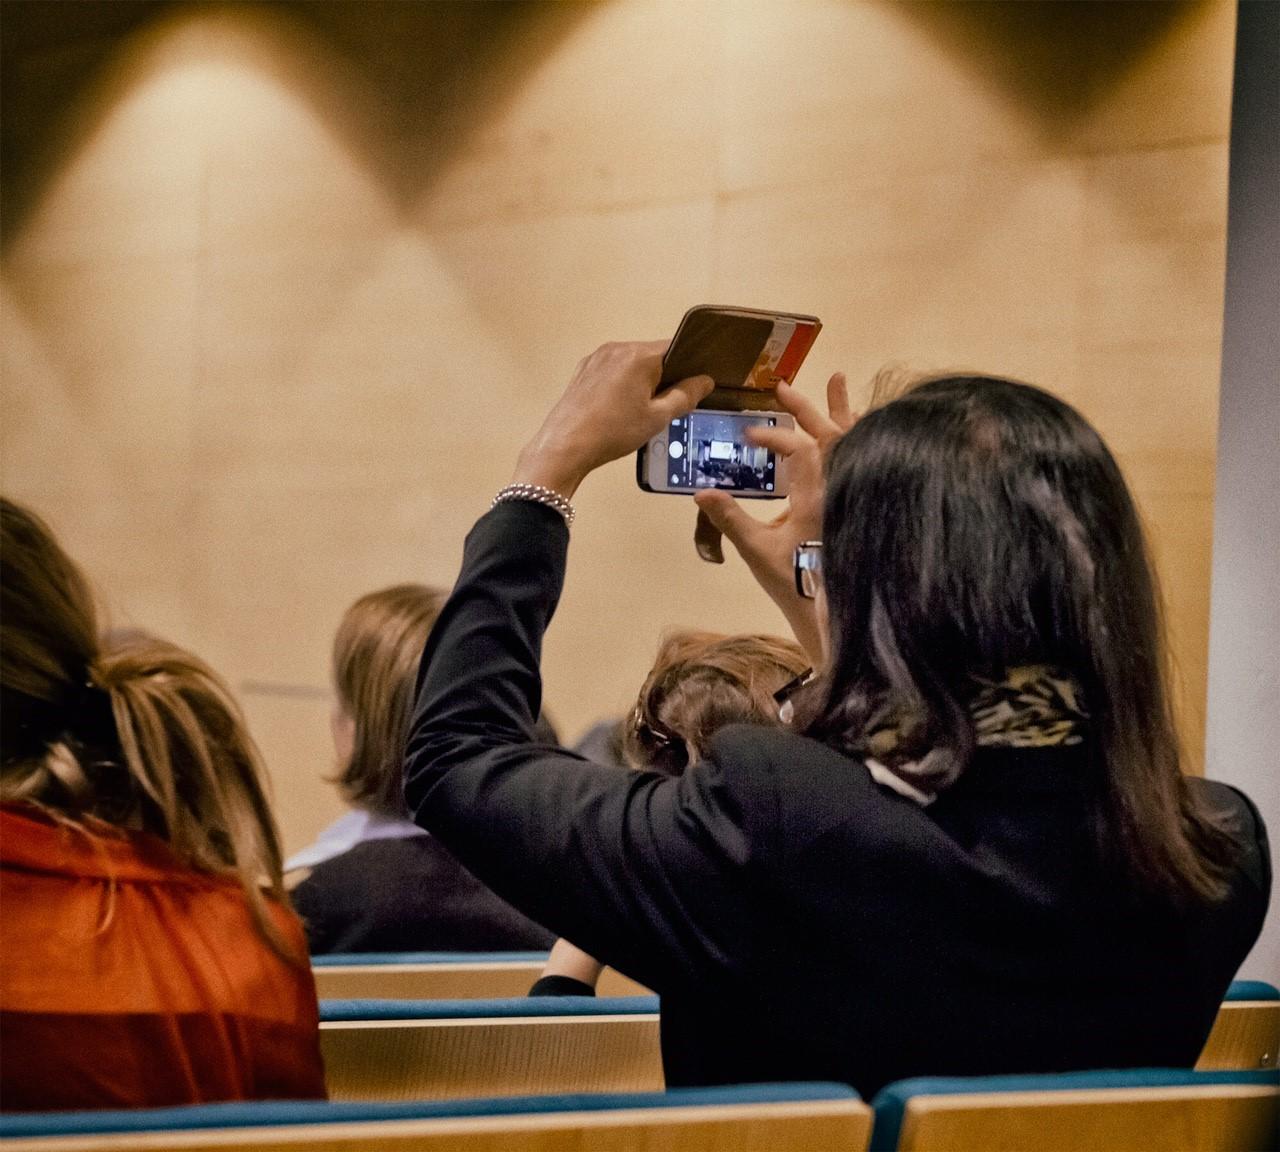 Återstartsutredningen föreslår: 800 miljoner till digitalisering av kulturarvet